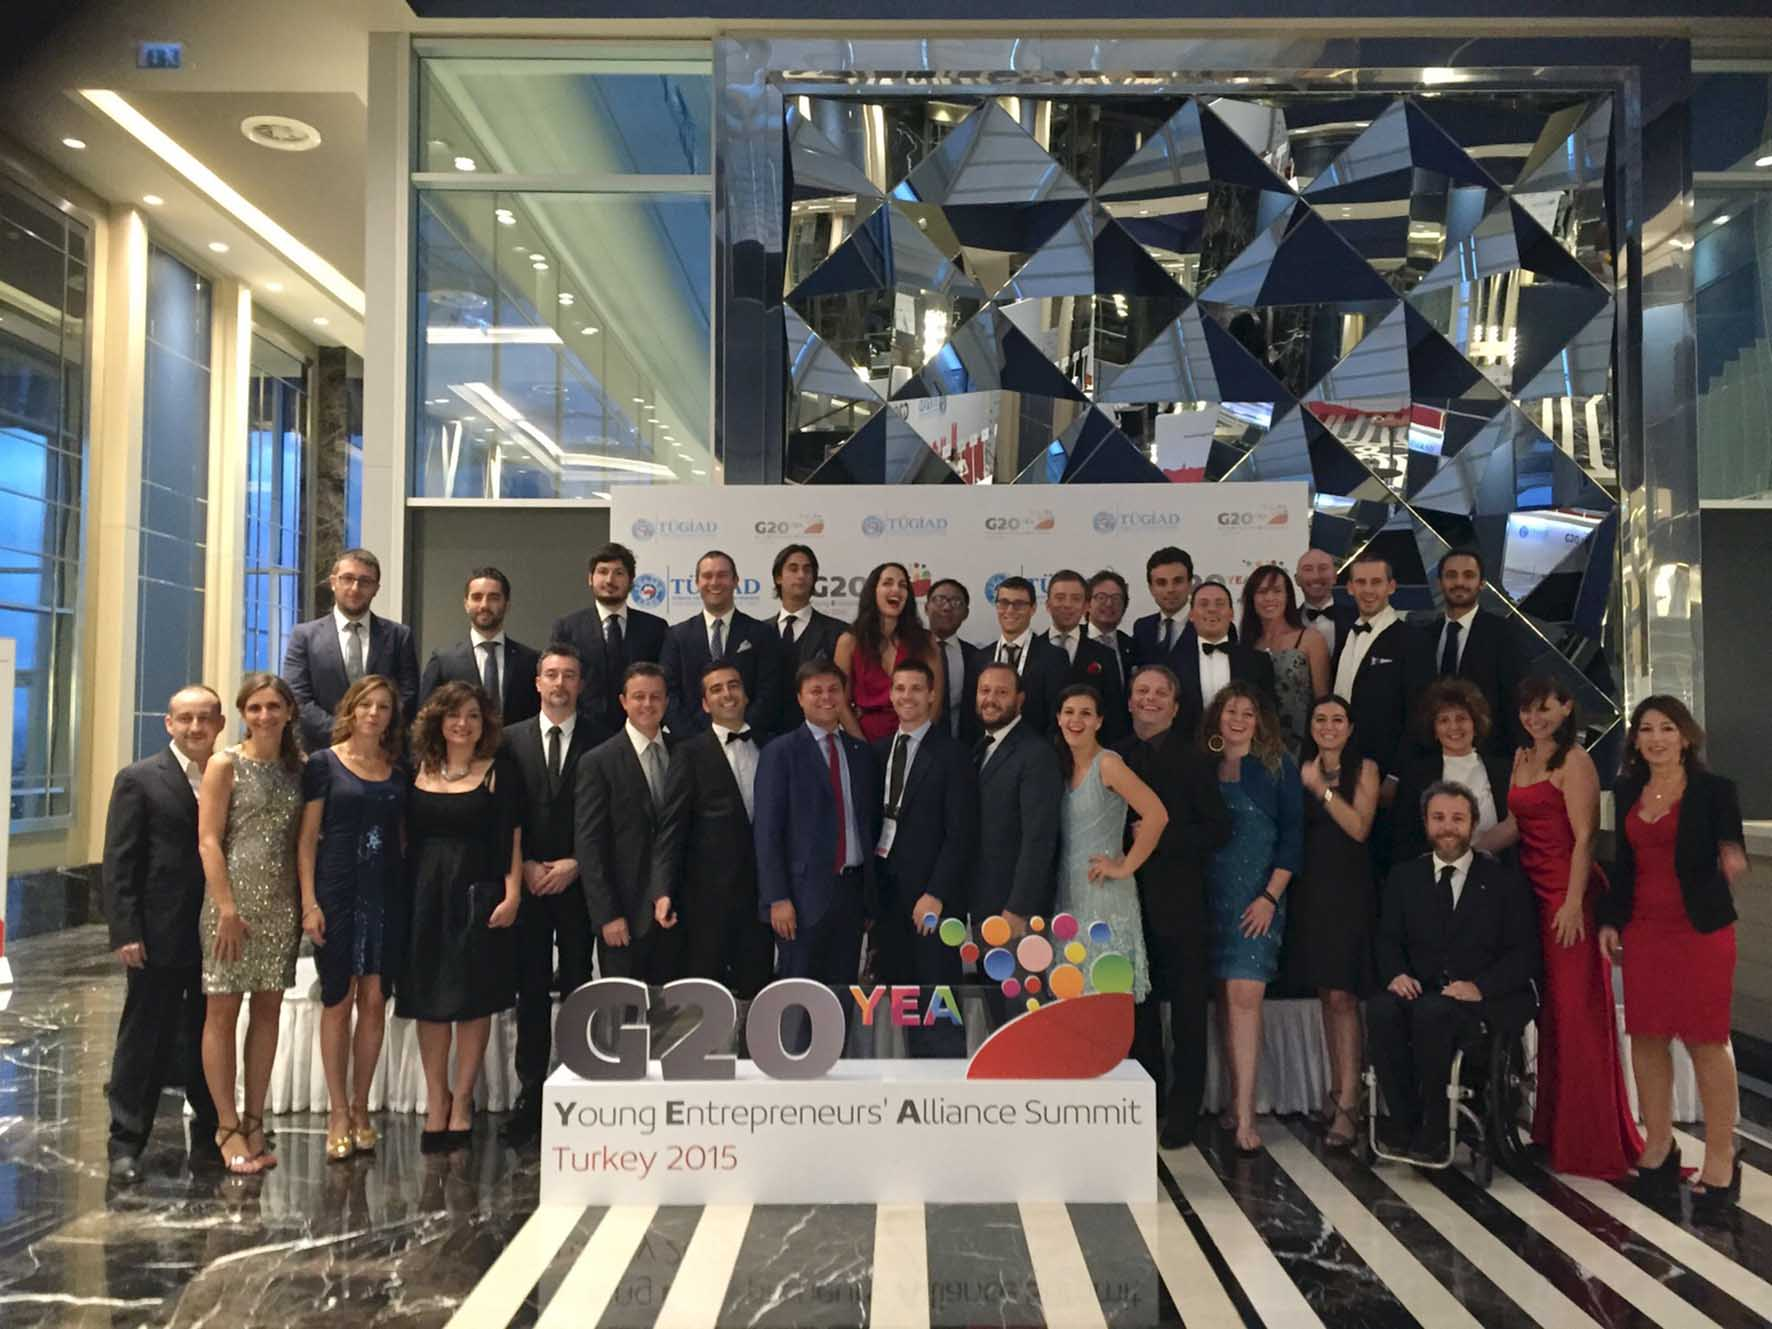 G20YEA Instanbul 2015 delegazione dei Giovani Imprenditori di Confindustria